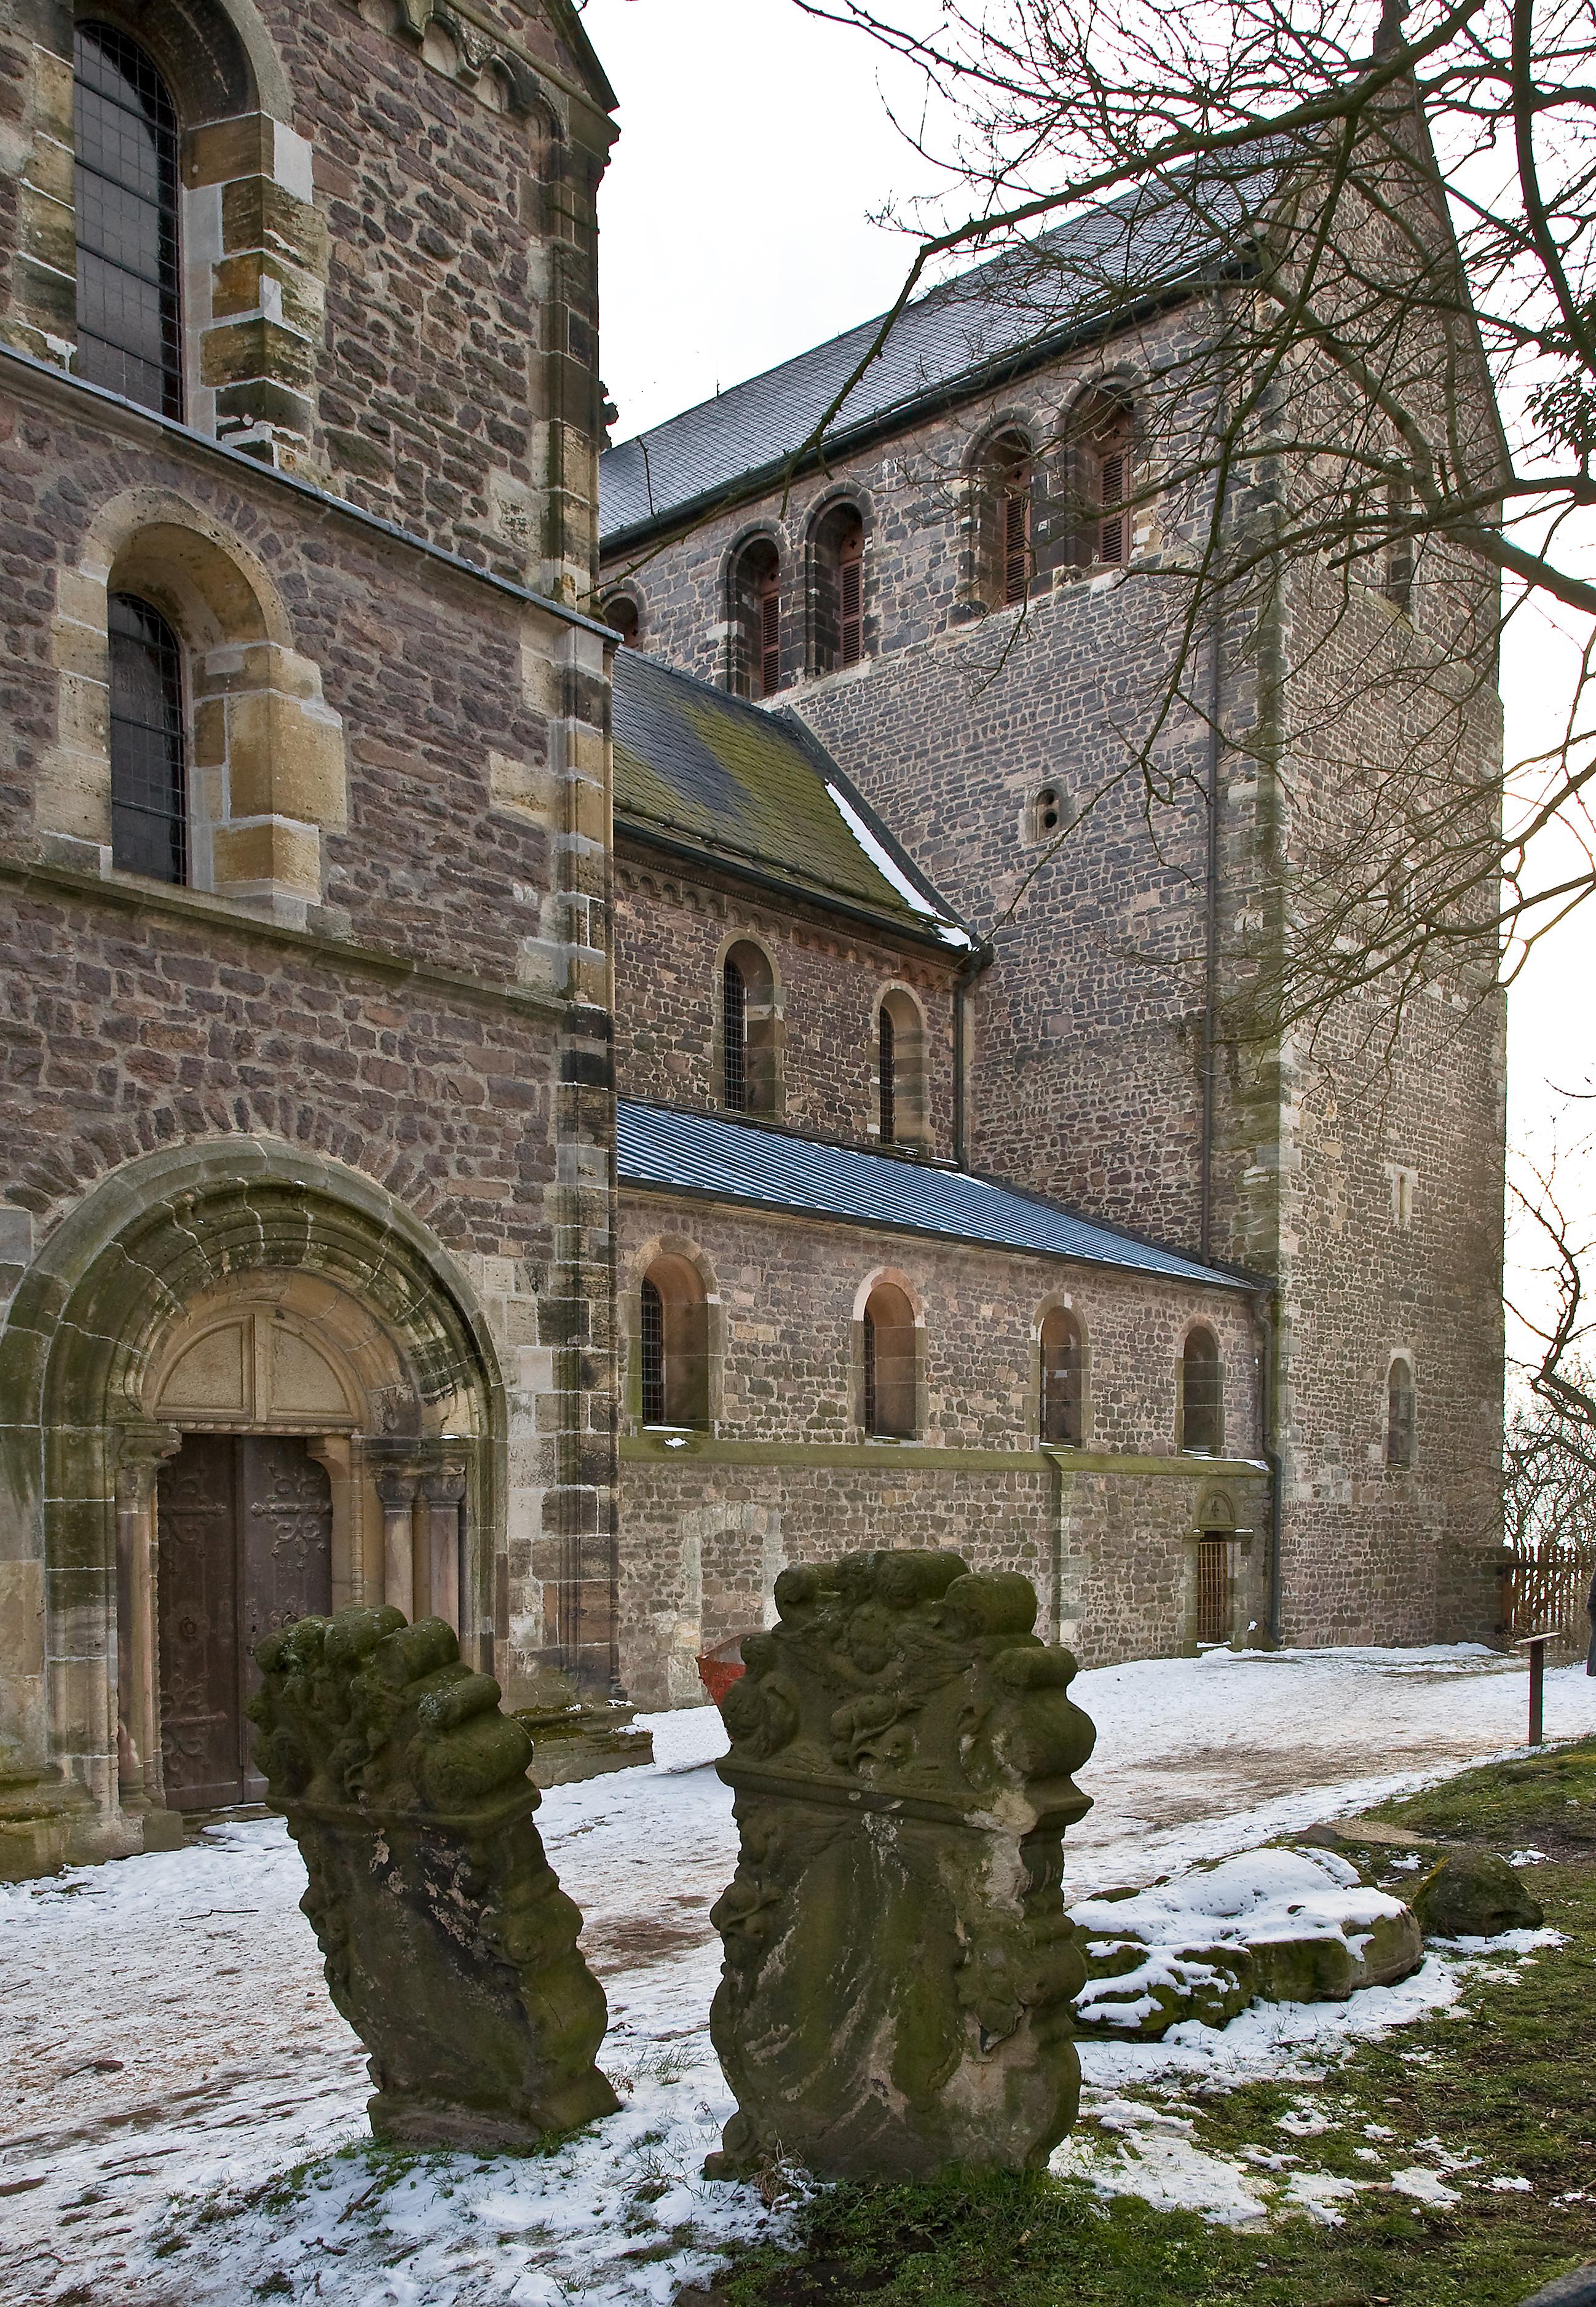 ehem Stiftskirche auf dem Petersberg bei Halle (S), Nordquerhaus und Turm von NO, davor barocke Grabsteine (c) Schütze/Rodemann Halle (S)